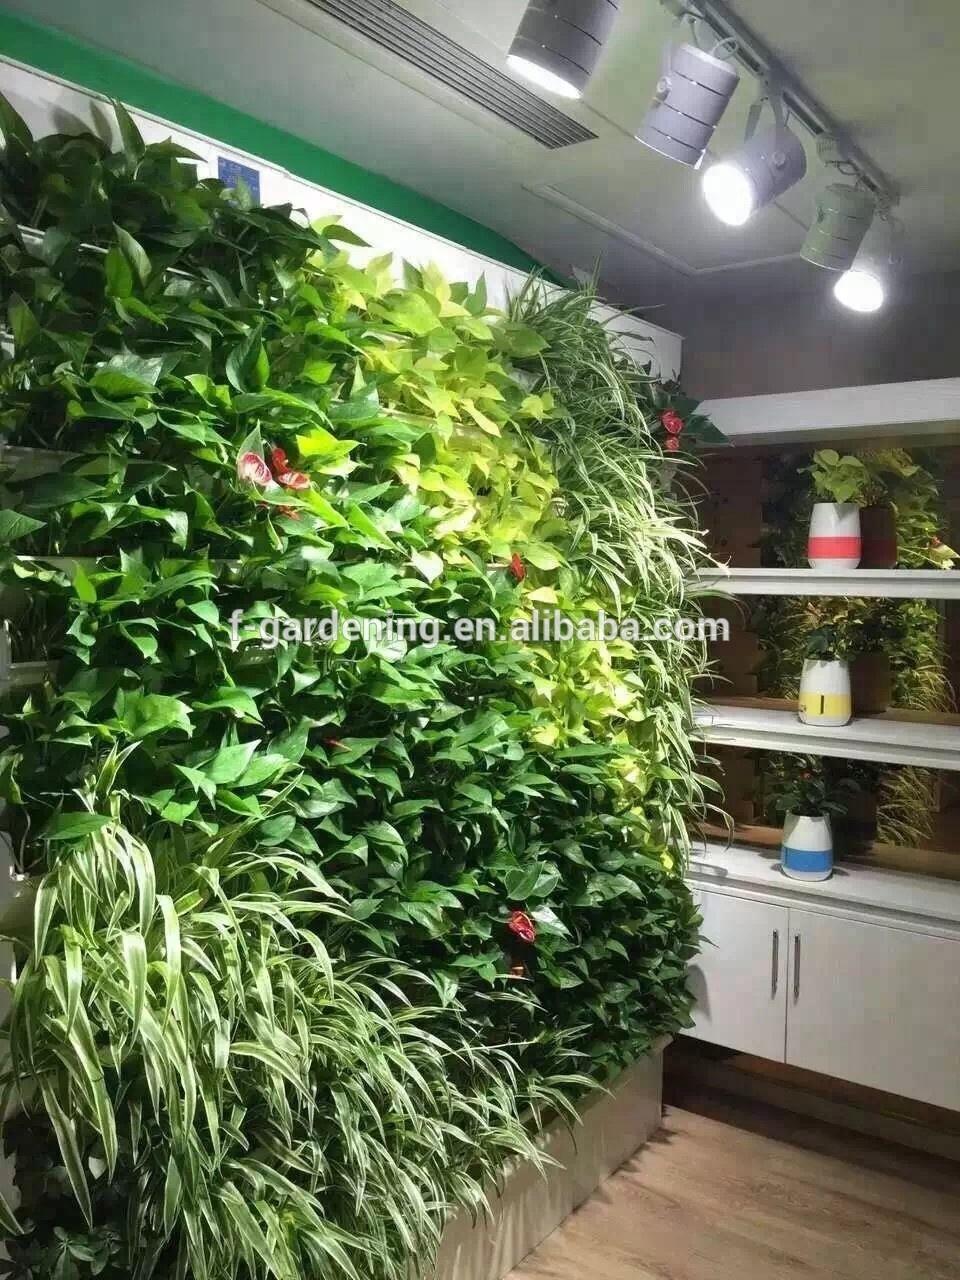 Casa y jard n sistemas de cultivo hidrop nico jard n - Jardin hidroponico ...